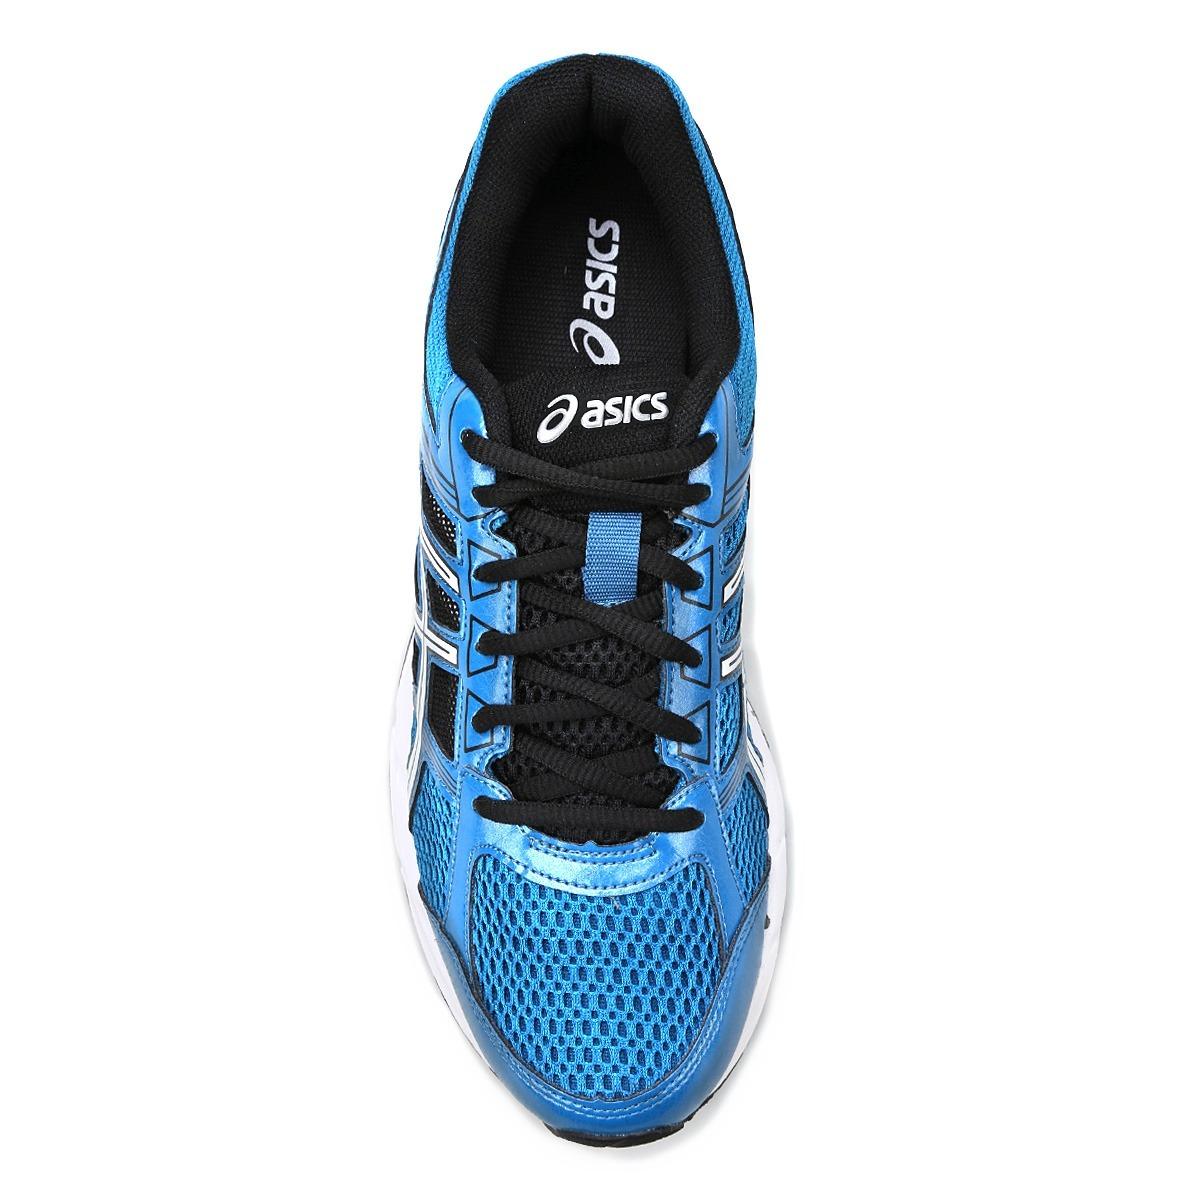 tênis asics gel contend 4 a t026a 3993 masculino original. Carregando zoom. ea6865828e23f